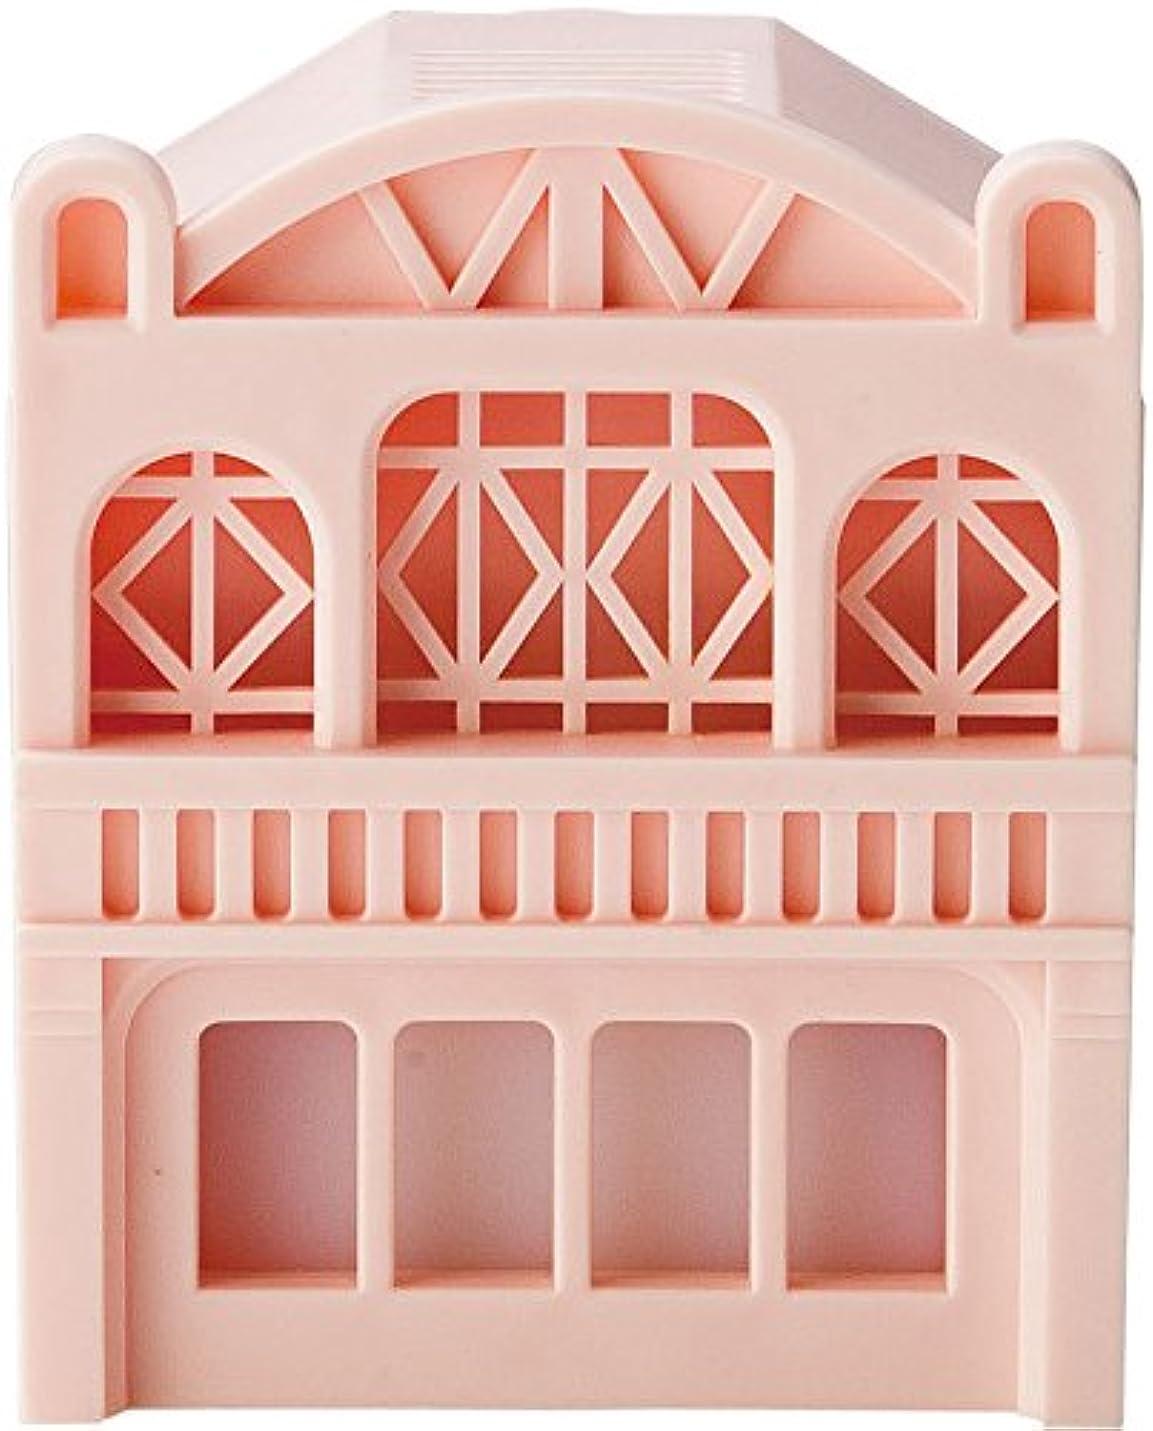 防止産地大声でラドンナ CUTENSIL AROMA HOUSE FAN (アロマハウスファン) CU01-AHF ピンク